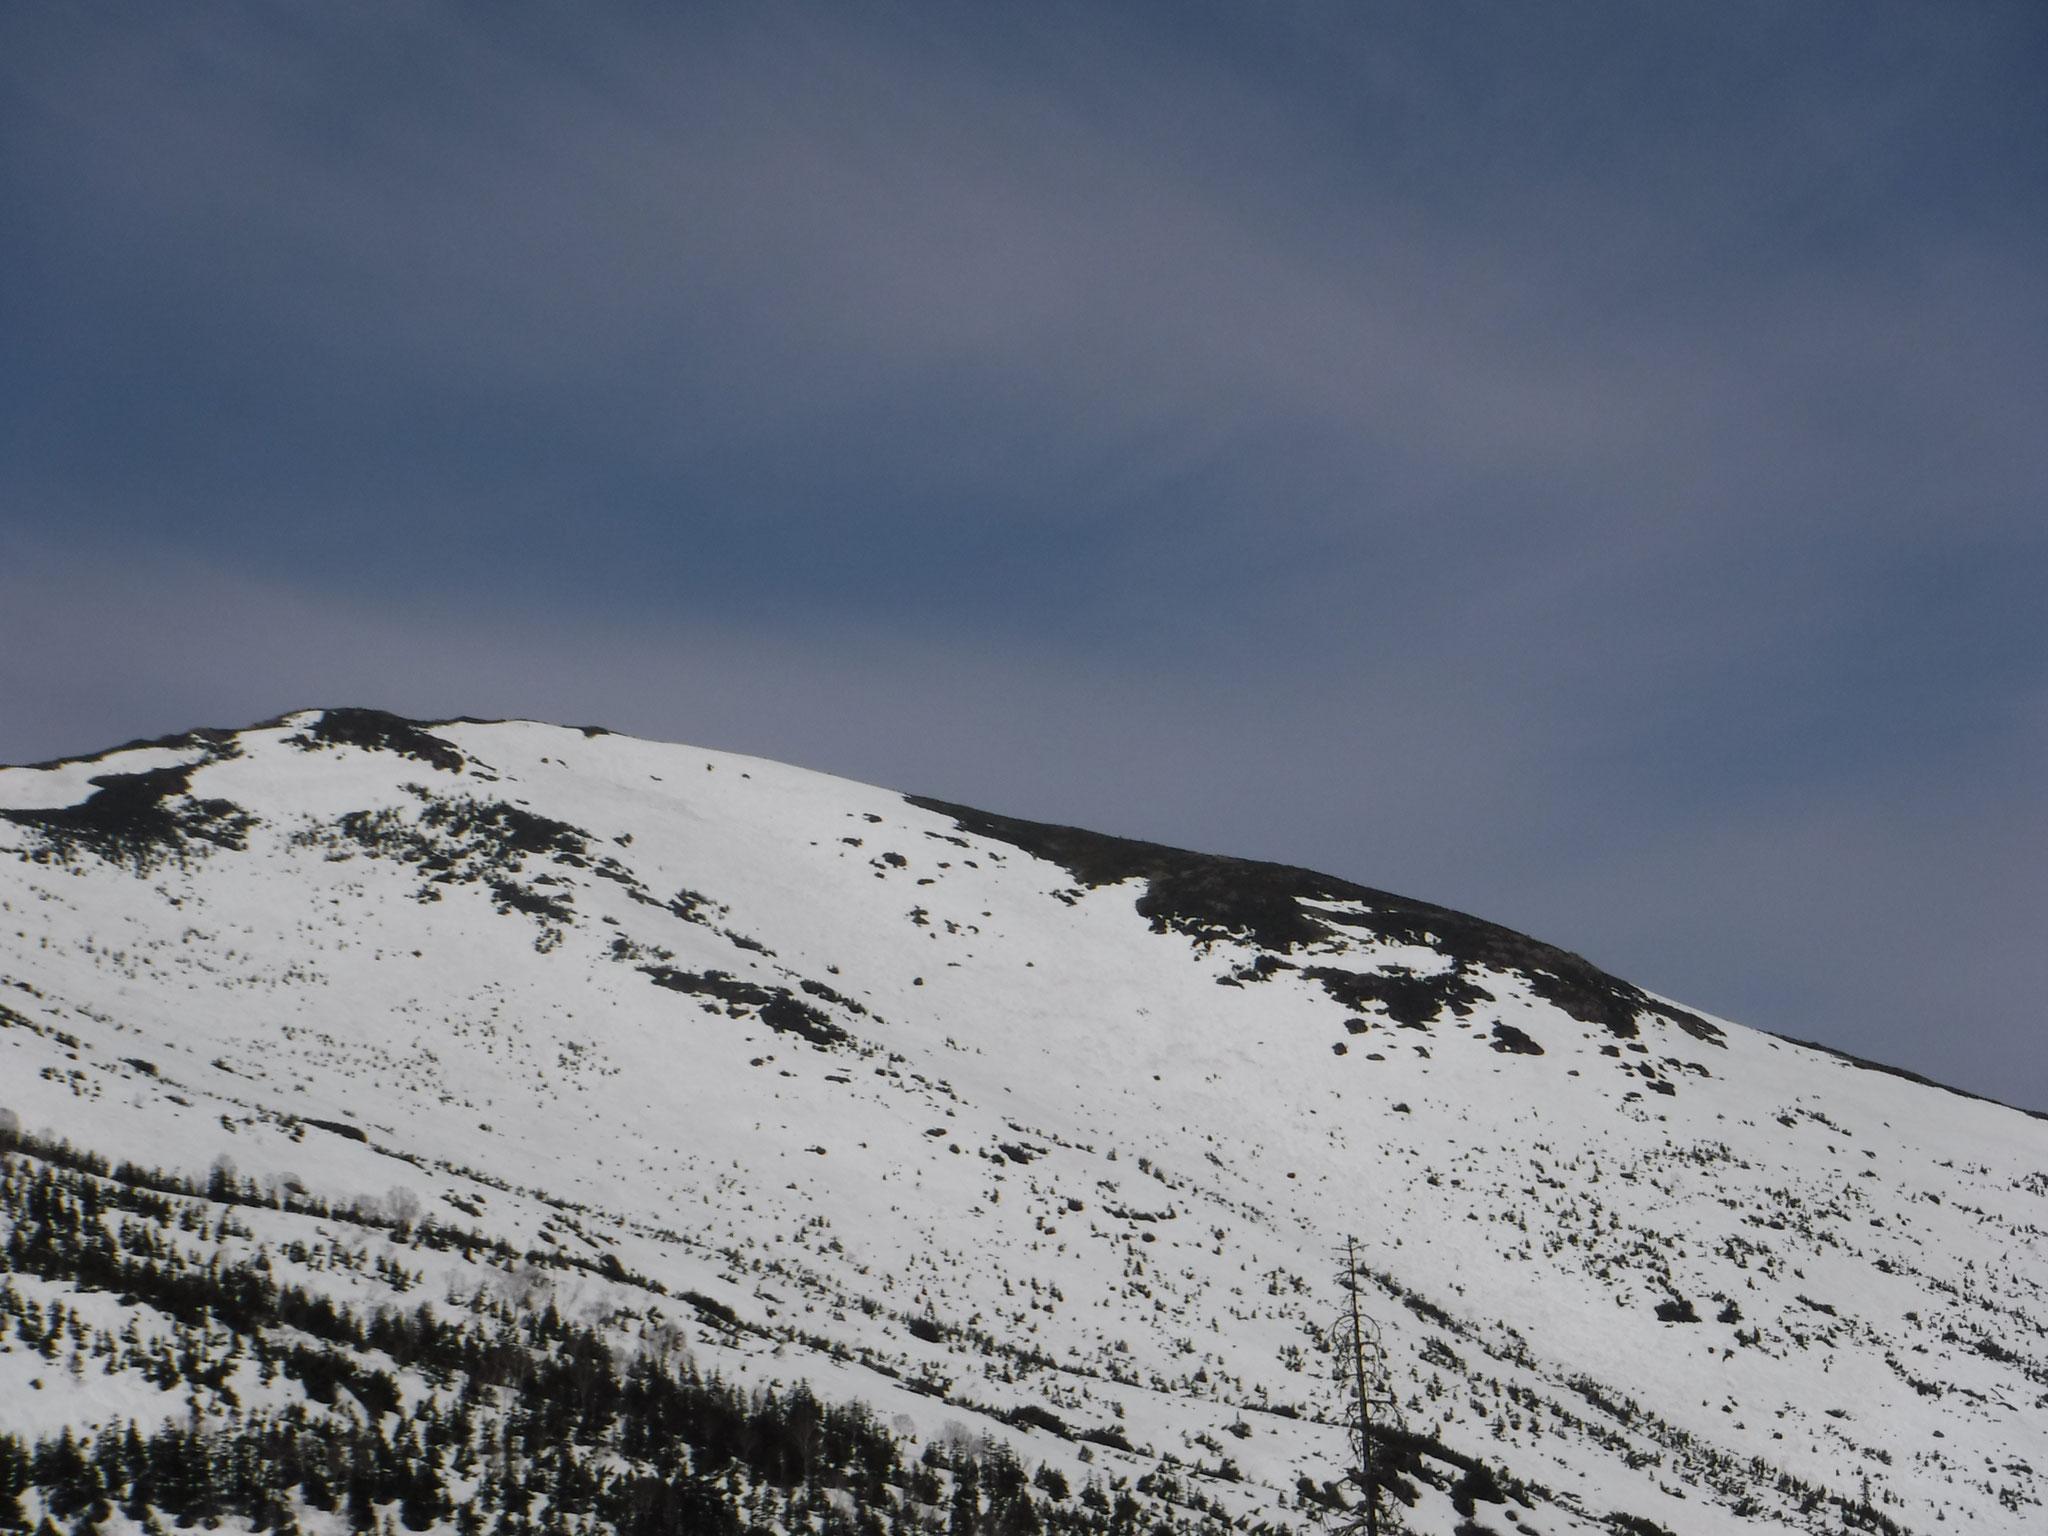 11:50 至仏山、南東側の斜面